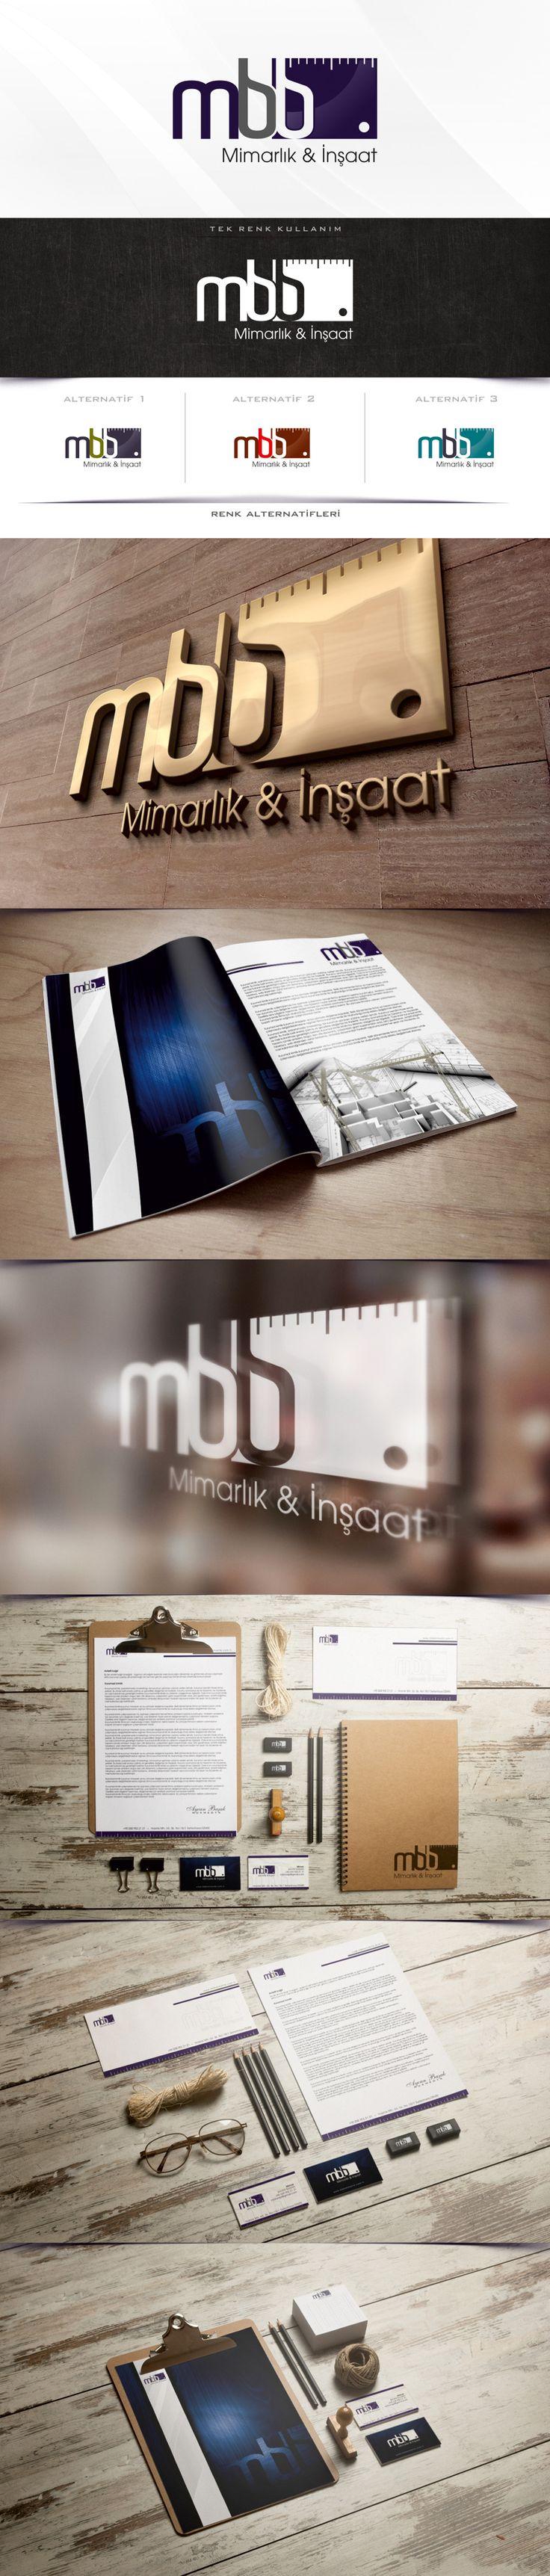 Mbb mimarlık inşaat firması için hazırladımız logo tarımı ve kurumsal kimlik çalışması